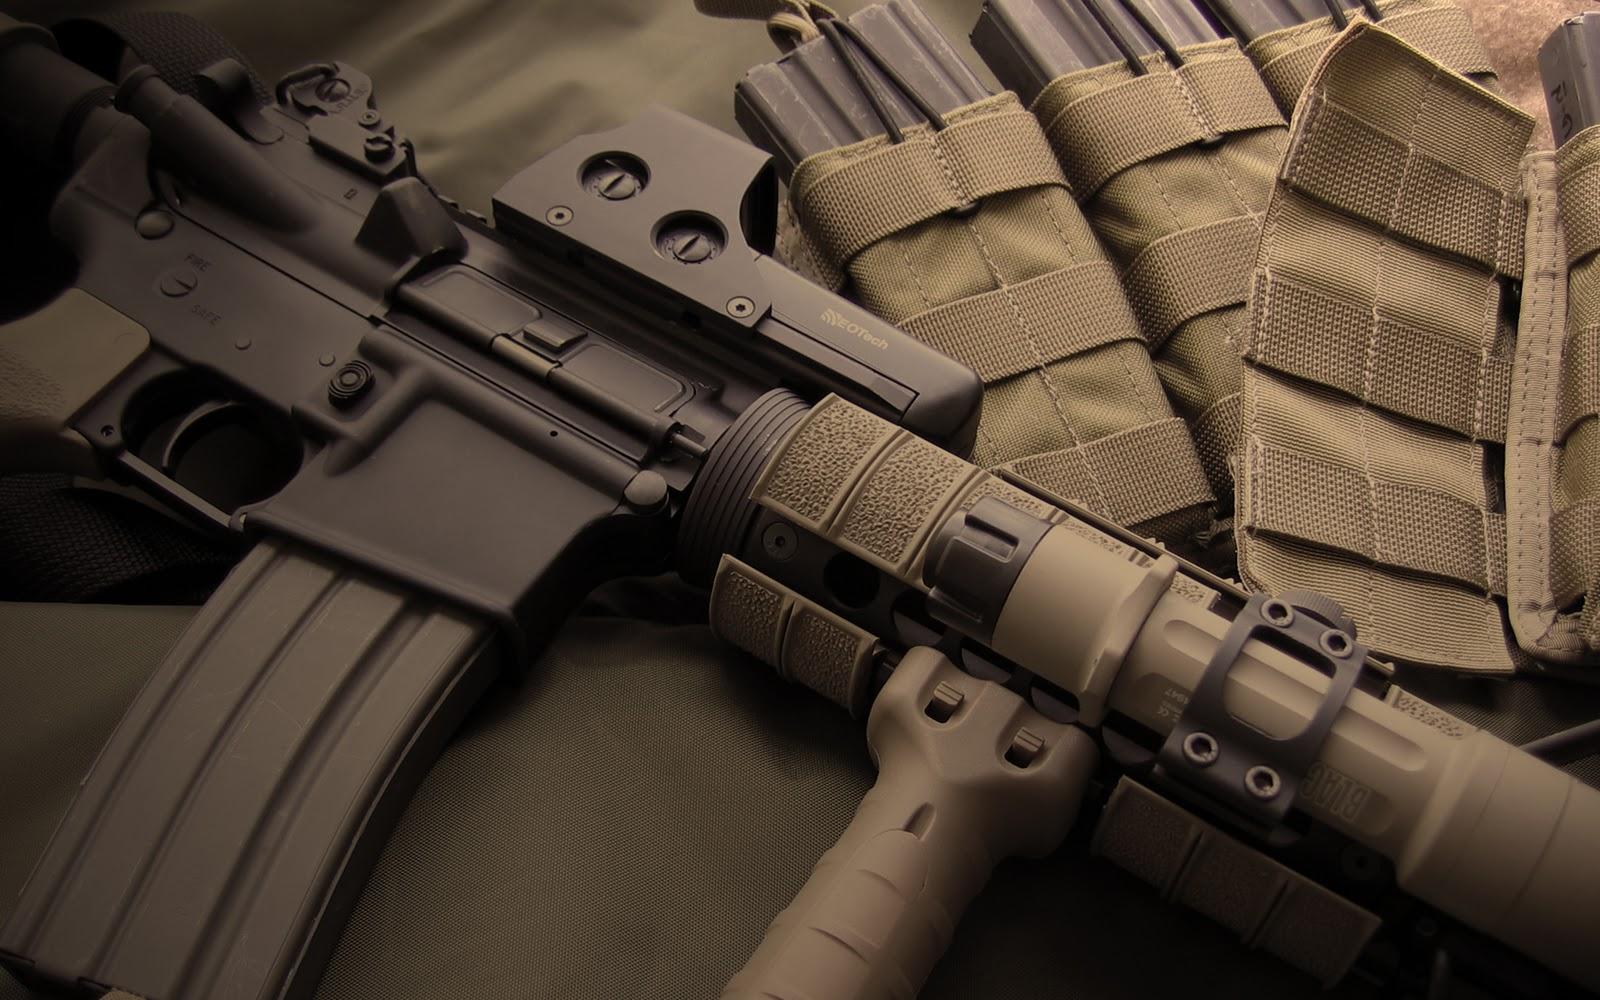 http://4.bp.blogspot.com/_sRGU_JXOz6E/TU16ZfpBFAI/AAAAAAAABf4/MTijHysvbGY/s1600/4061_gun_guns_weapons.jpg